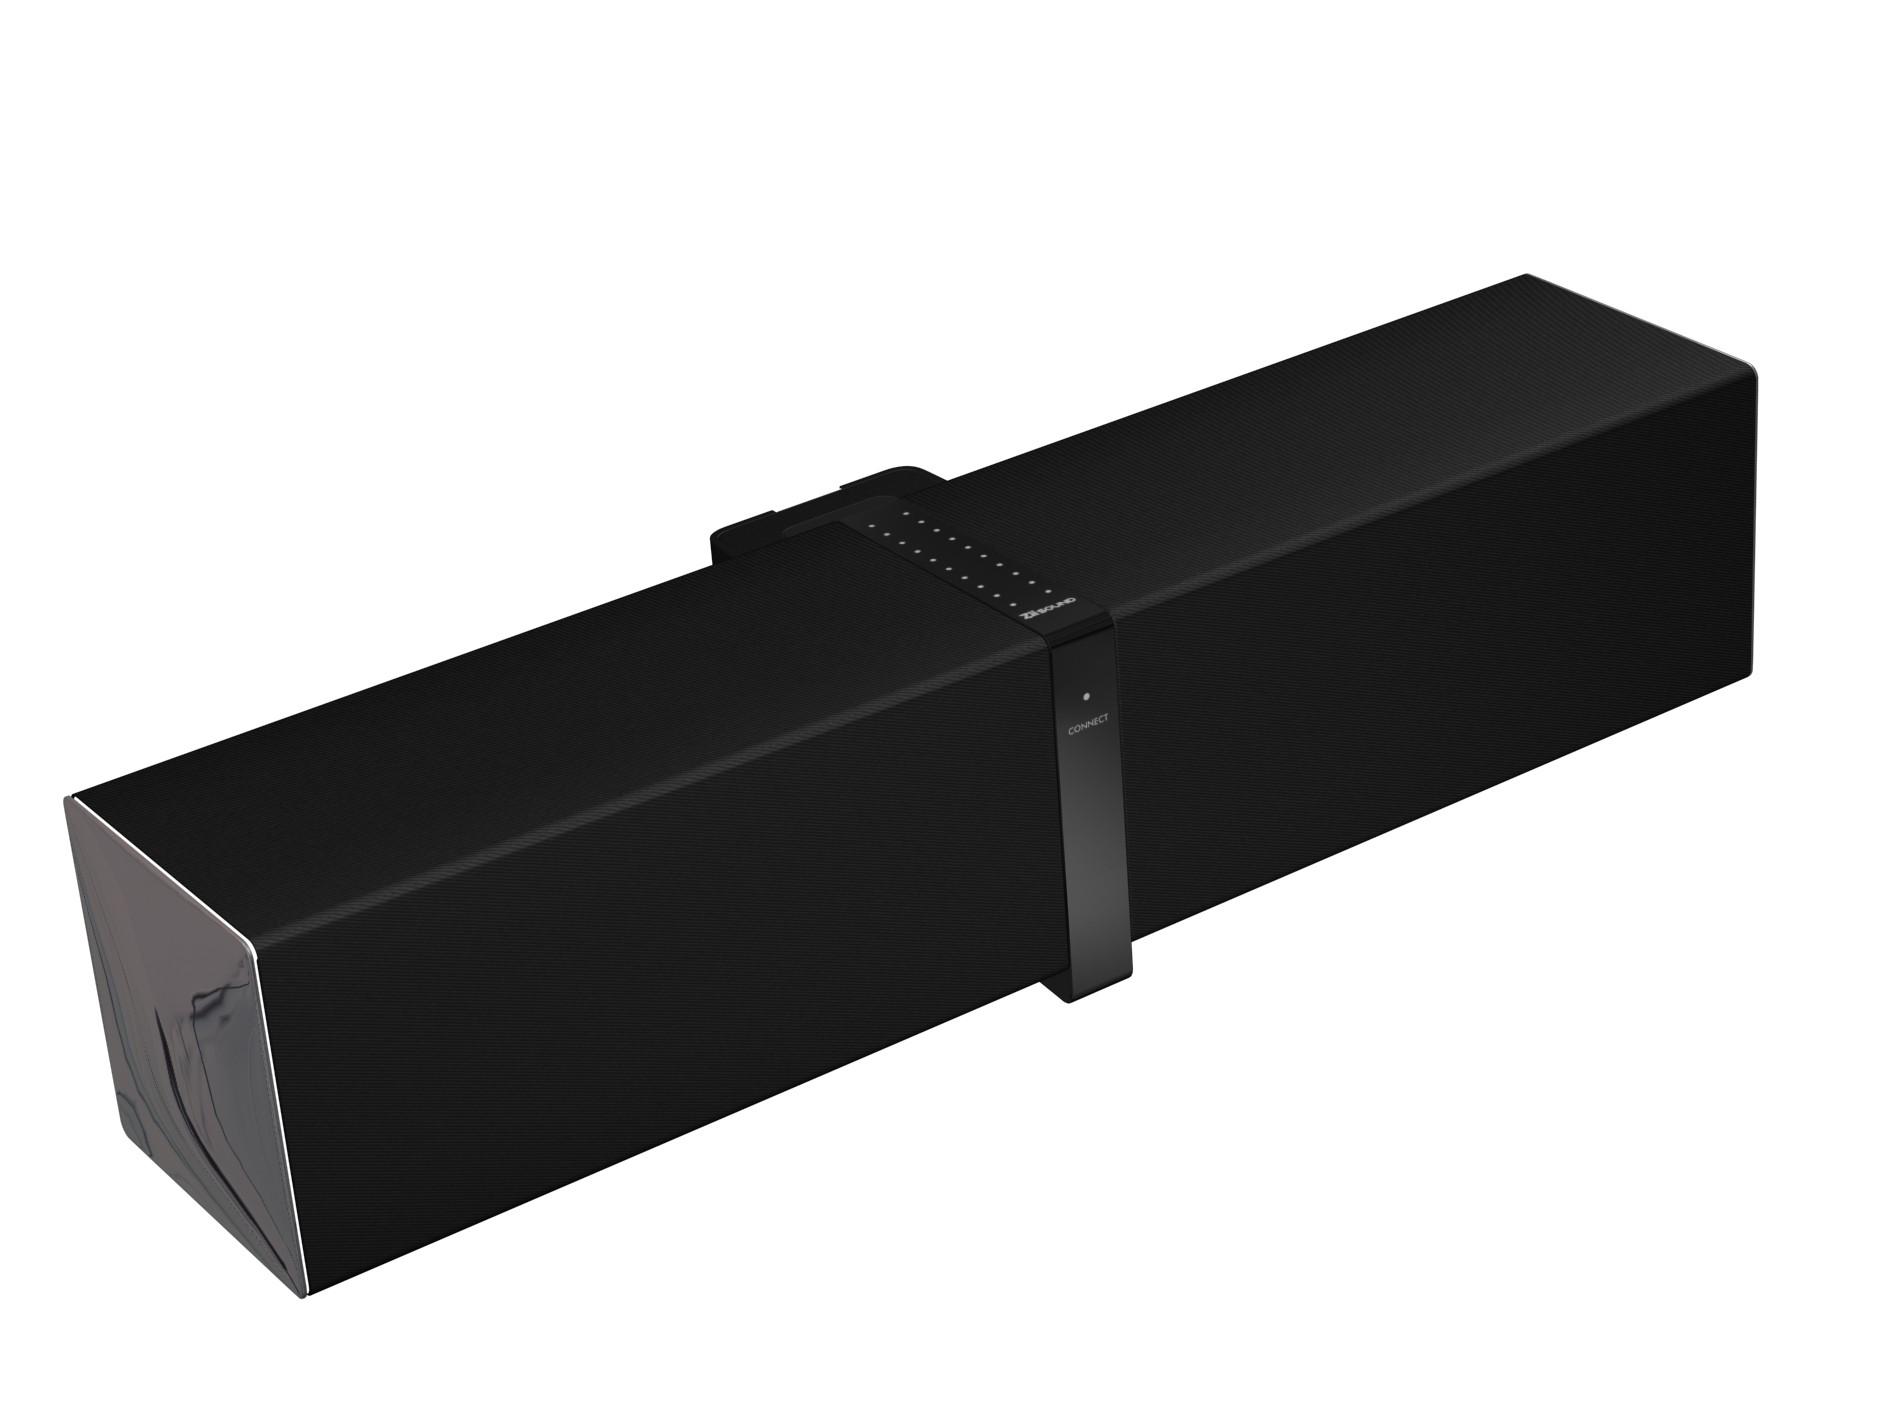 Creative ZiiSound D5 Trådløs højttaler med Apple dock - Sort